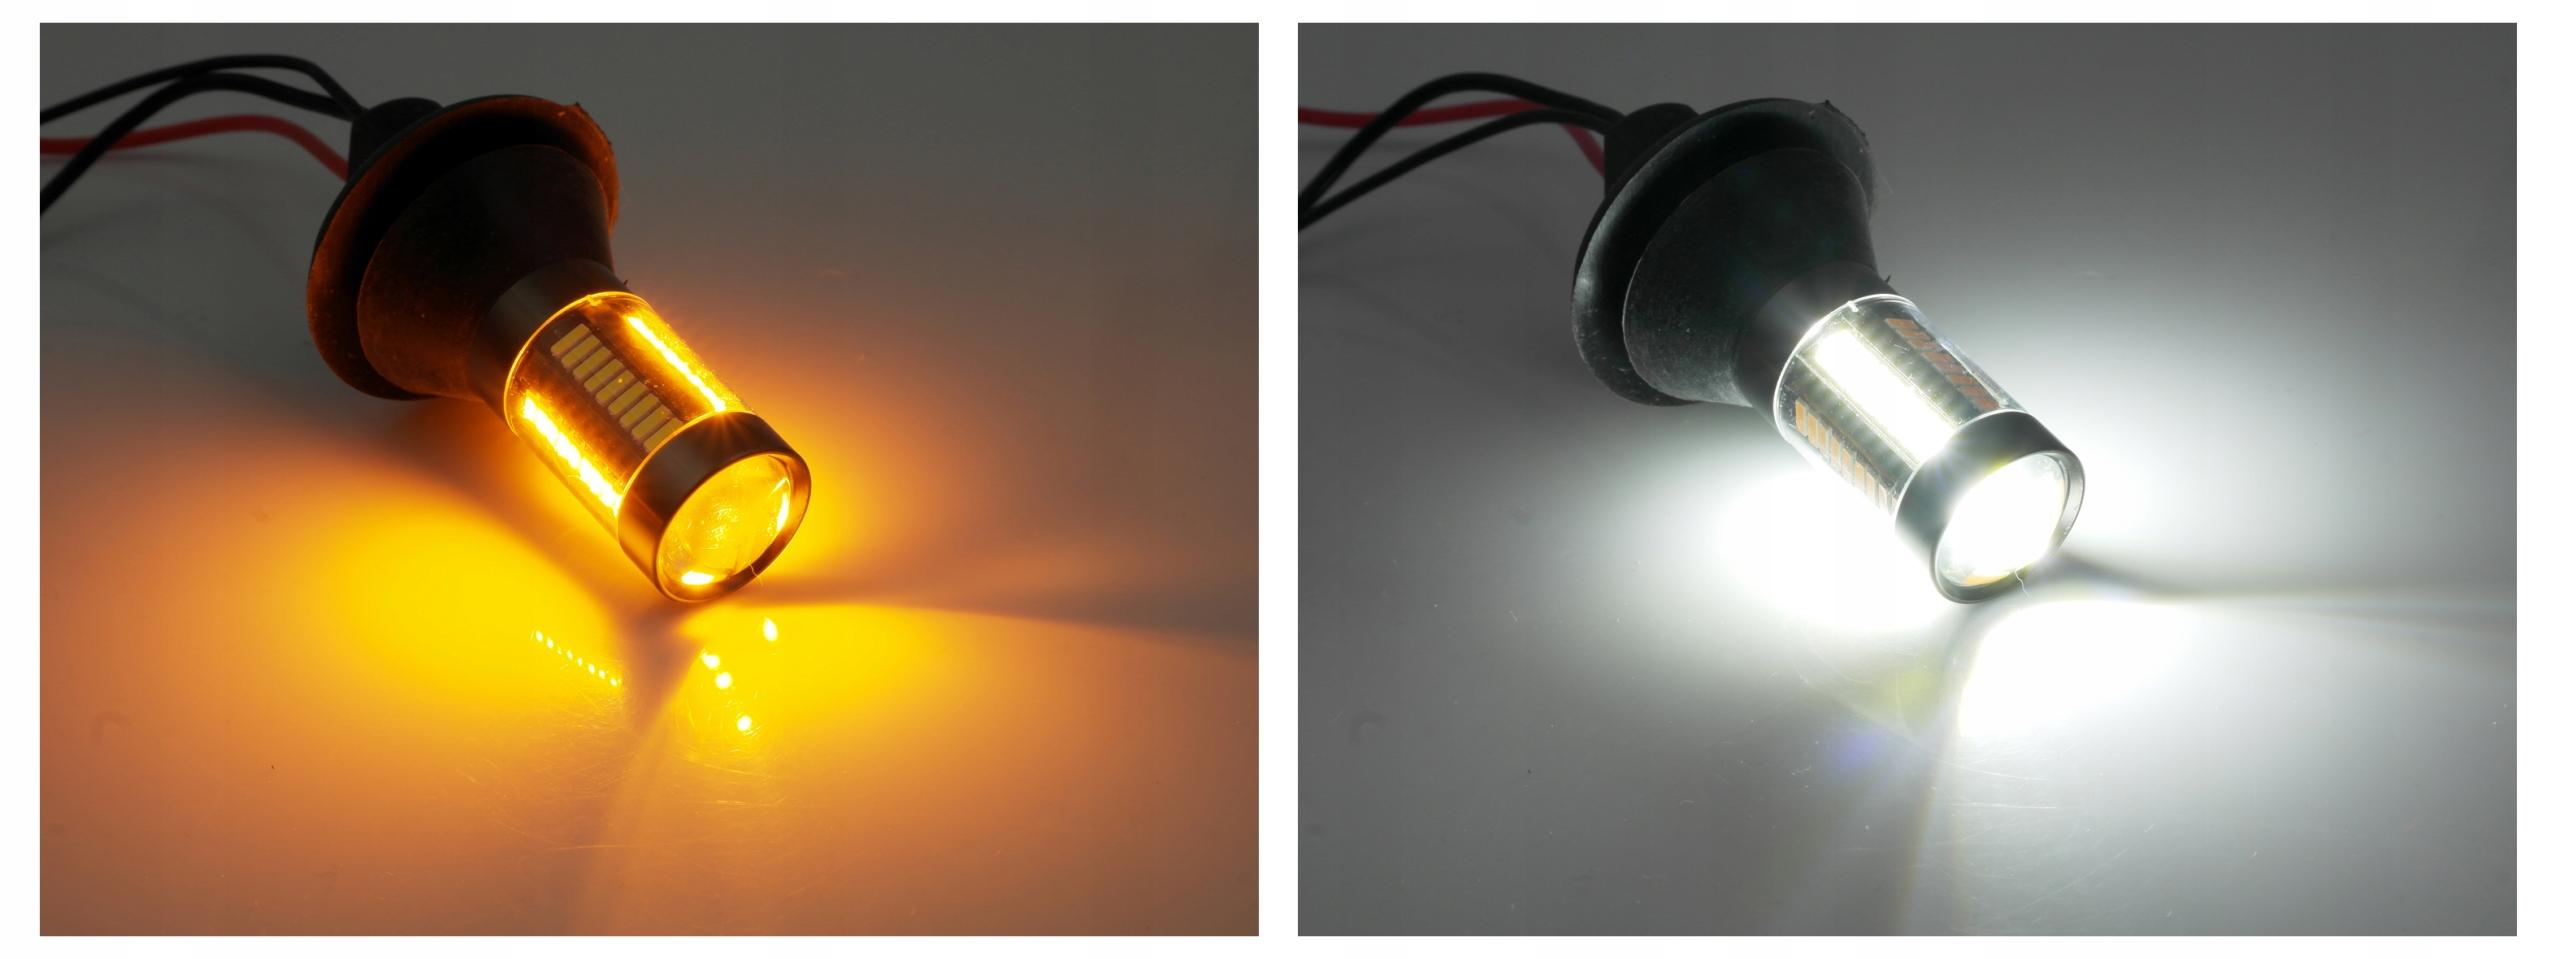 2в1 светодиодные дневные ходовые огни + указатели поворота drl py21w